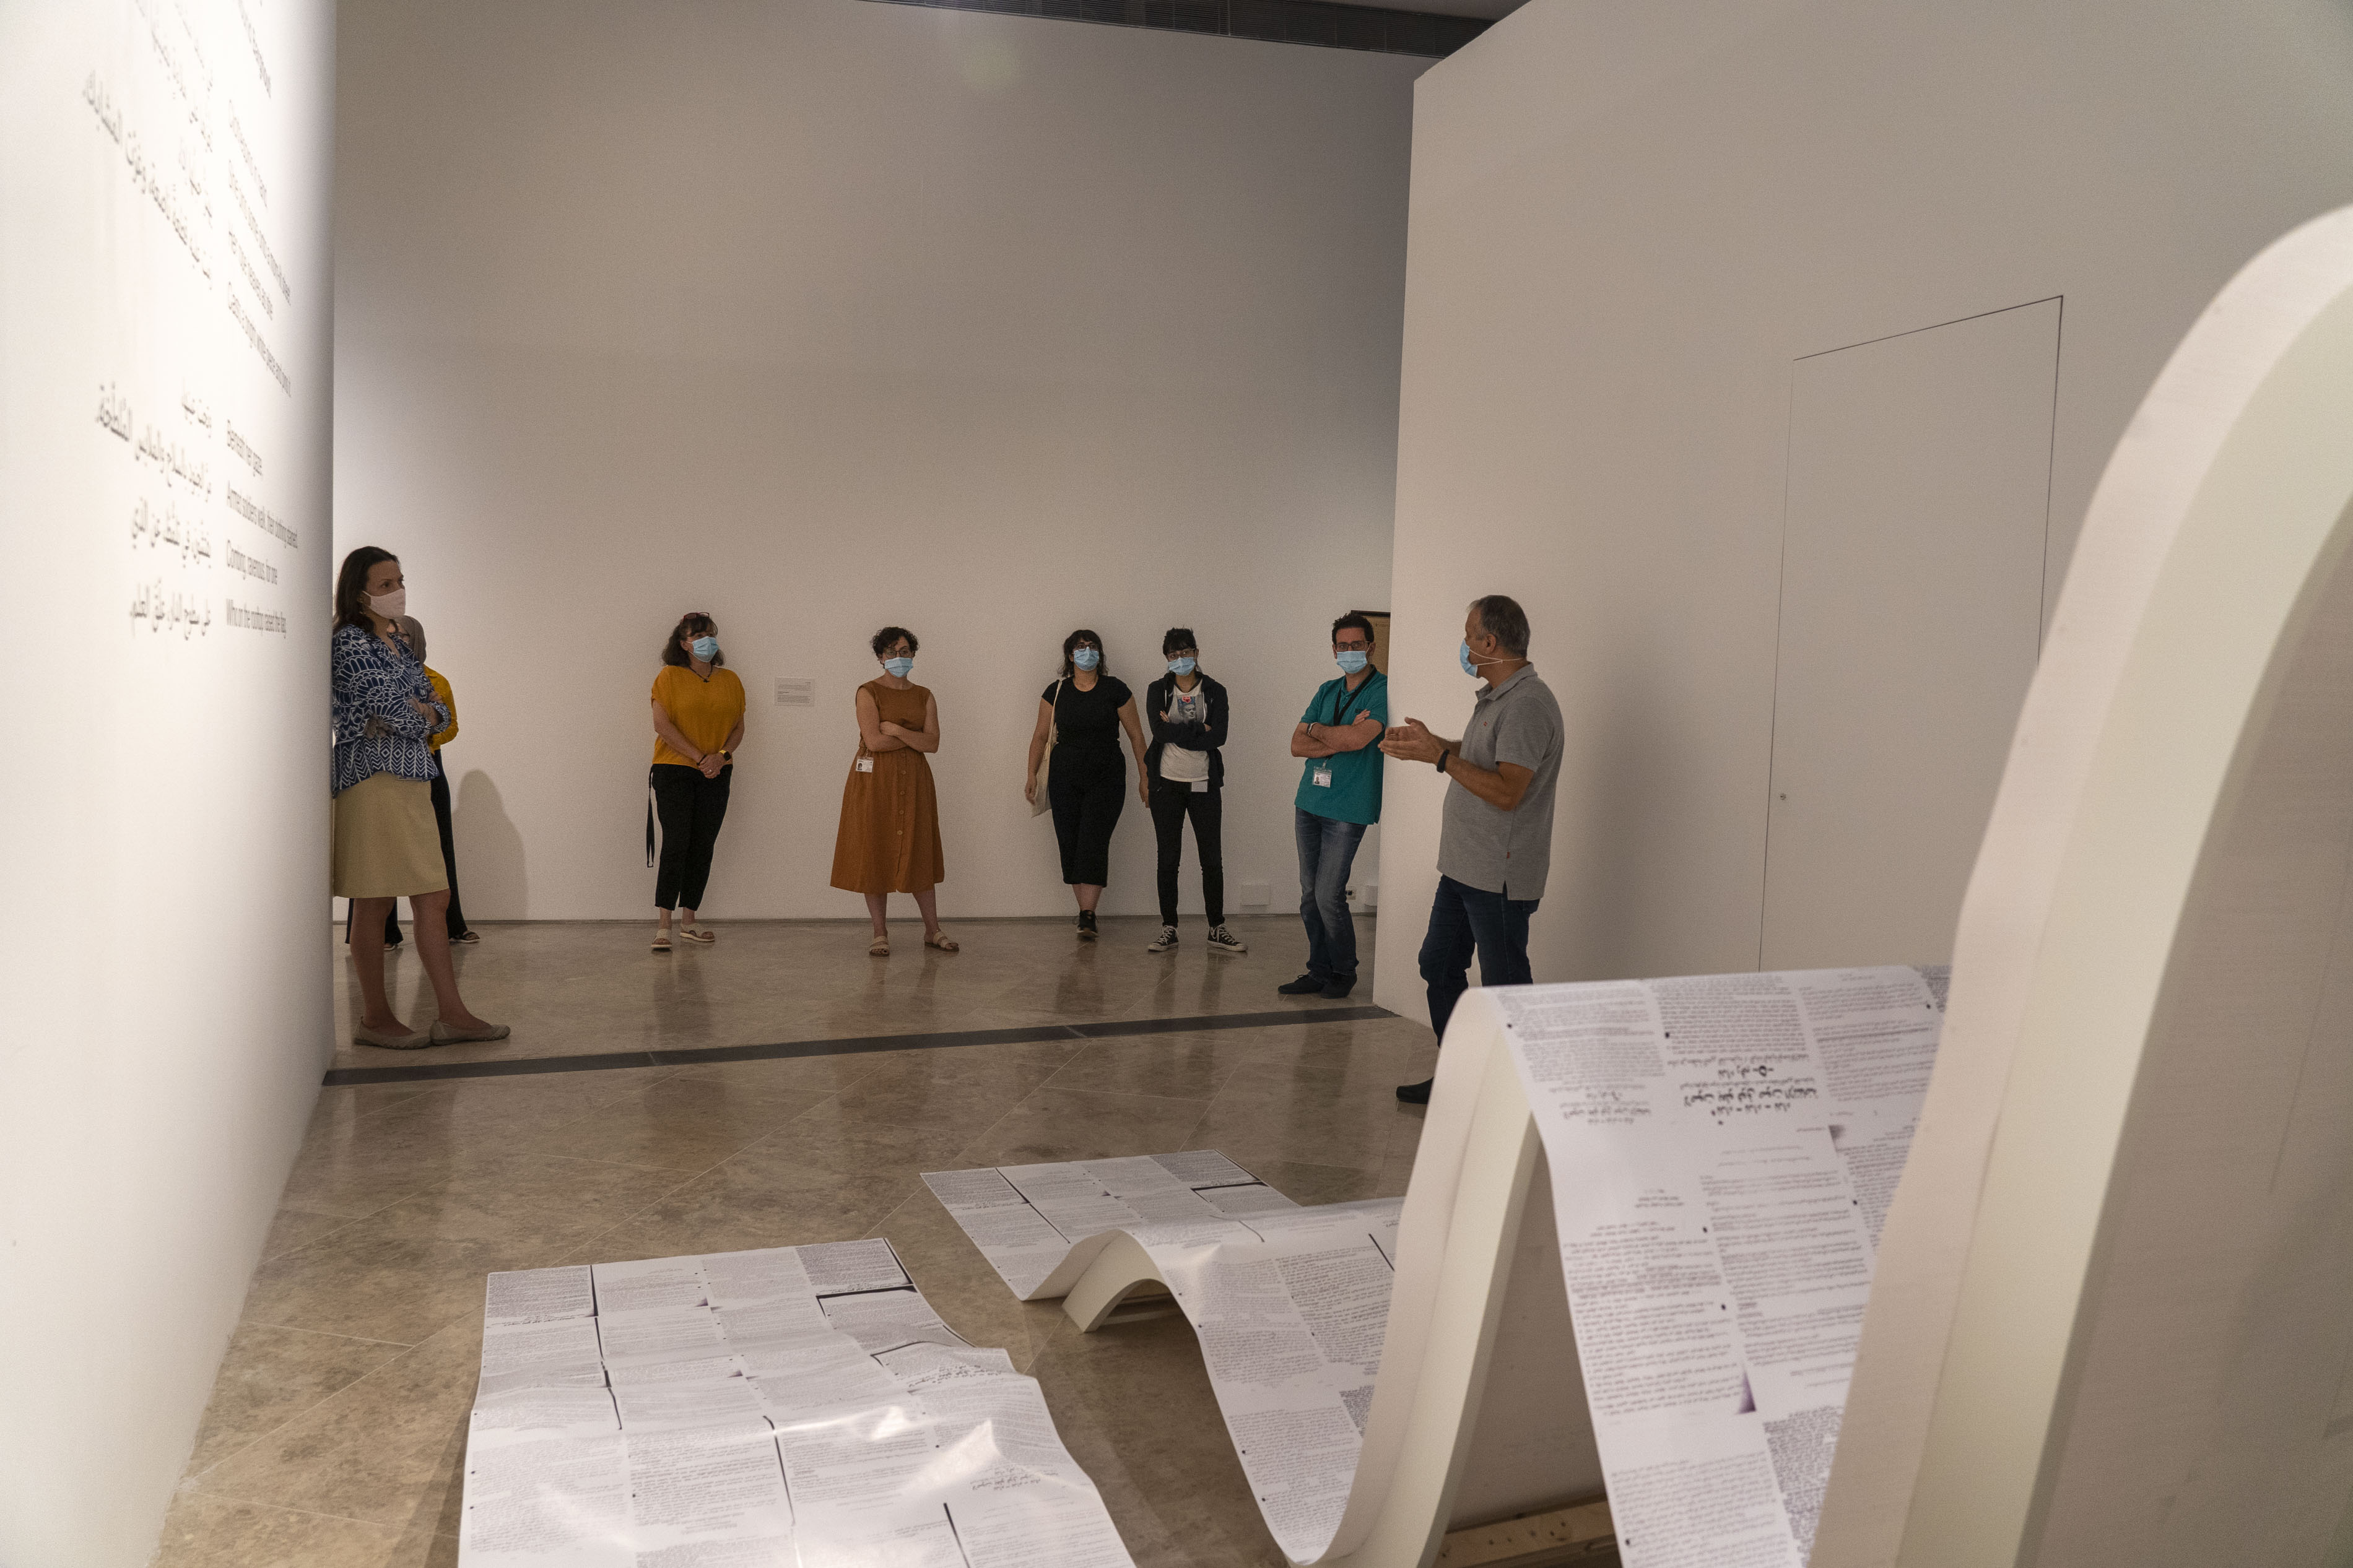 المتحف الفلسطيني يفتح أبوابه من جديد أمام الجمهور